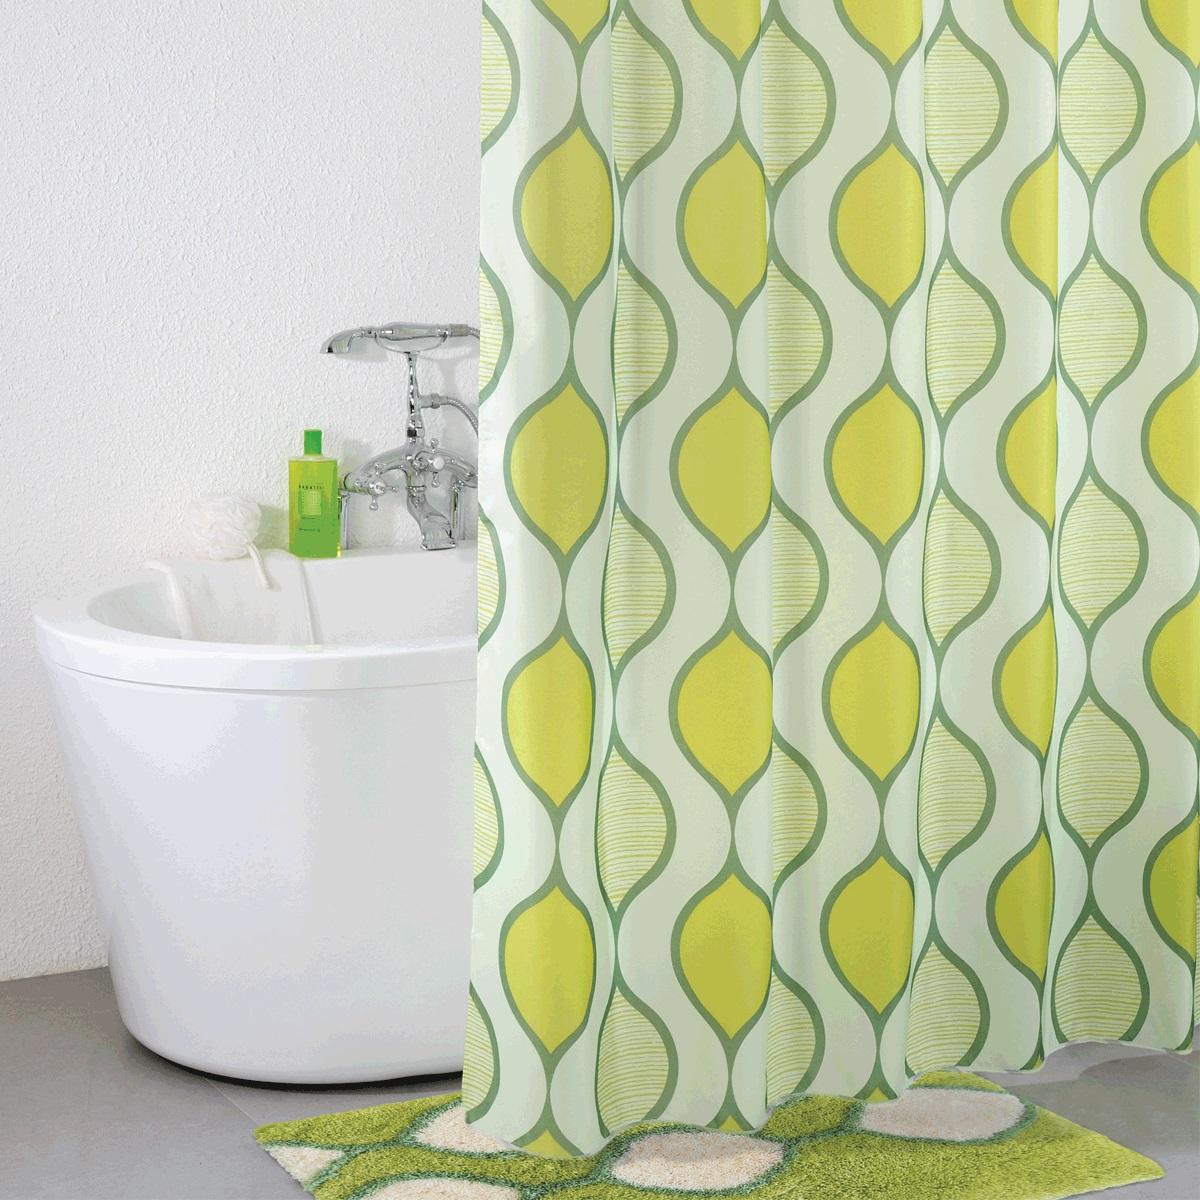 Штора для ванной Iddis Curved Lines Green, цвет: зеленый, 200 x 200 см iddis curved lines green 402a580i12